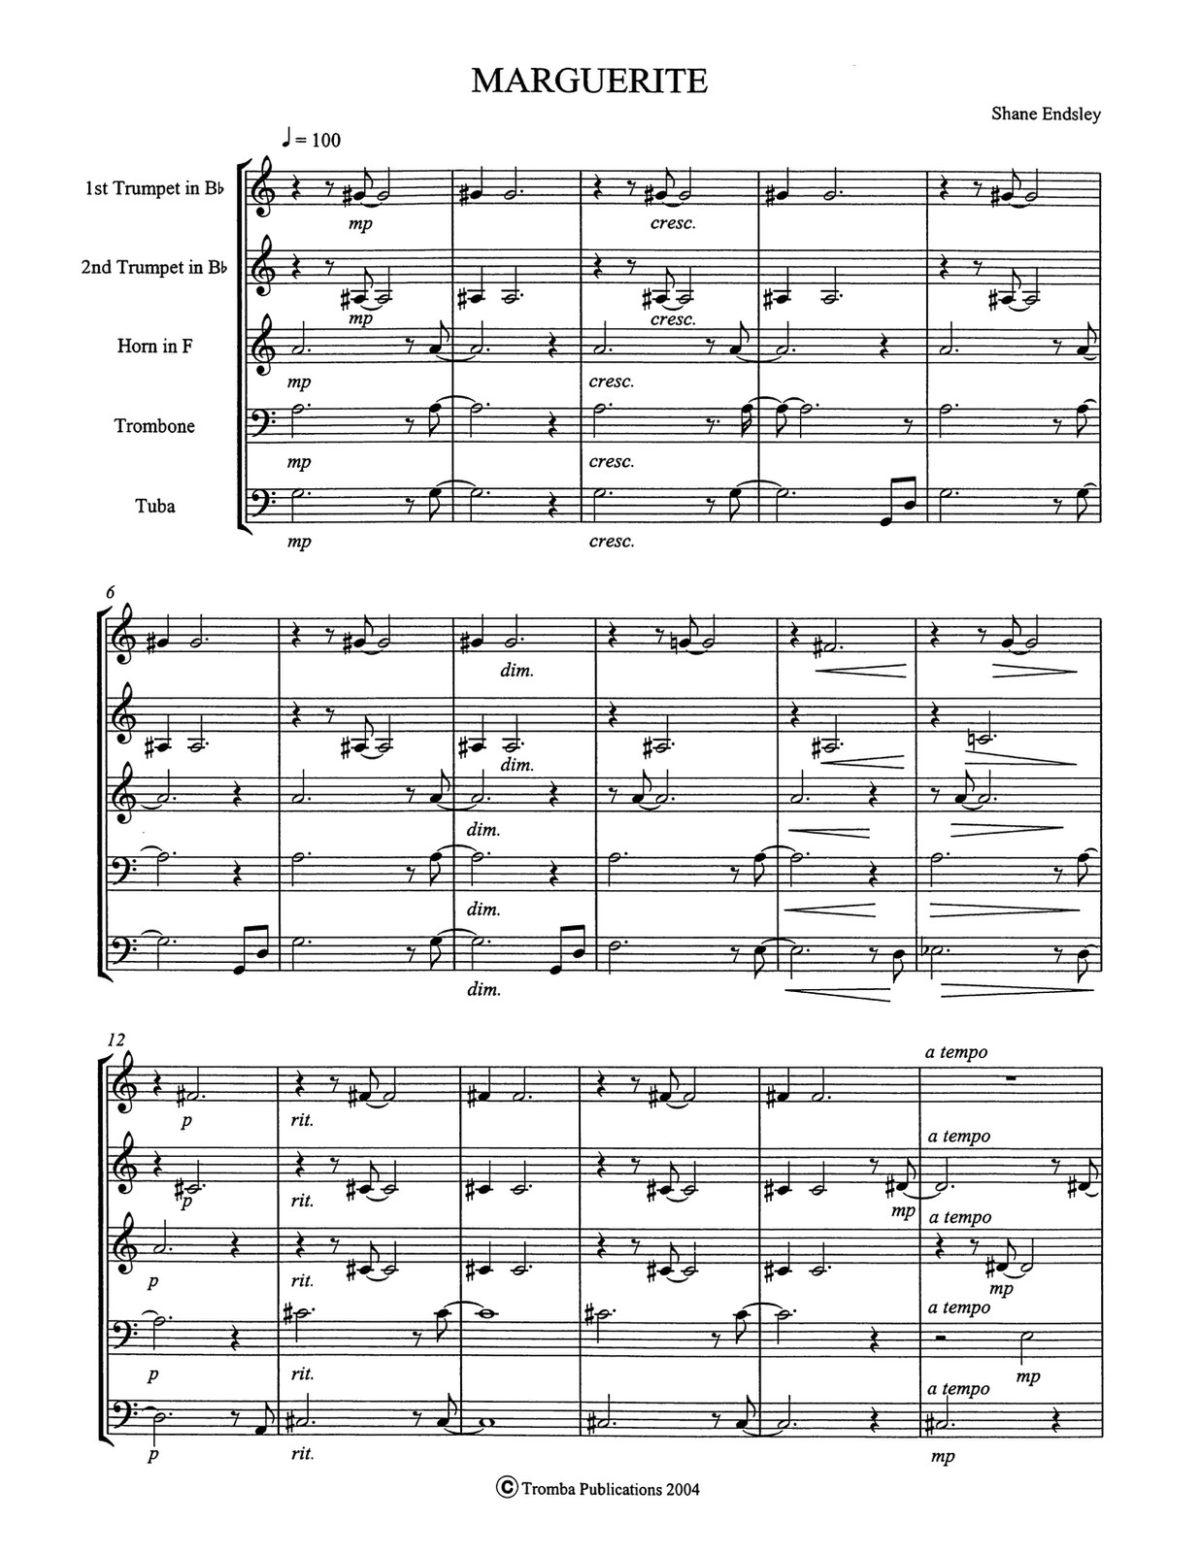 Endsley, Marguerite for Brass Quintet-p13